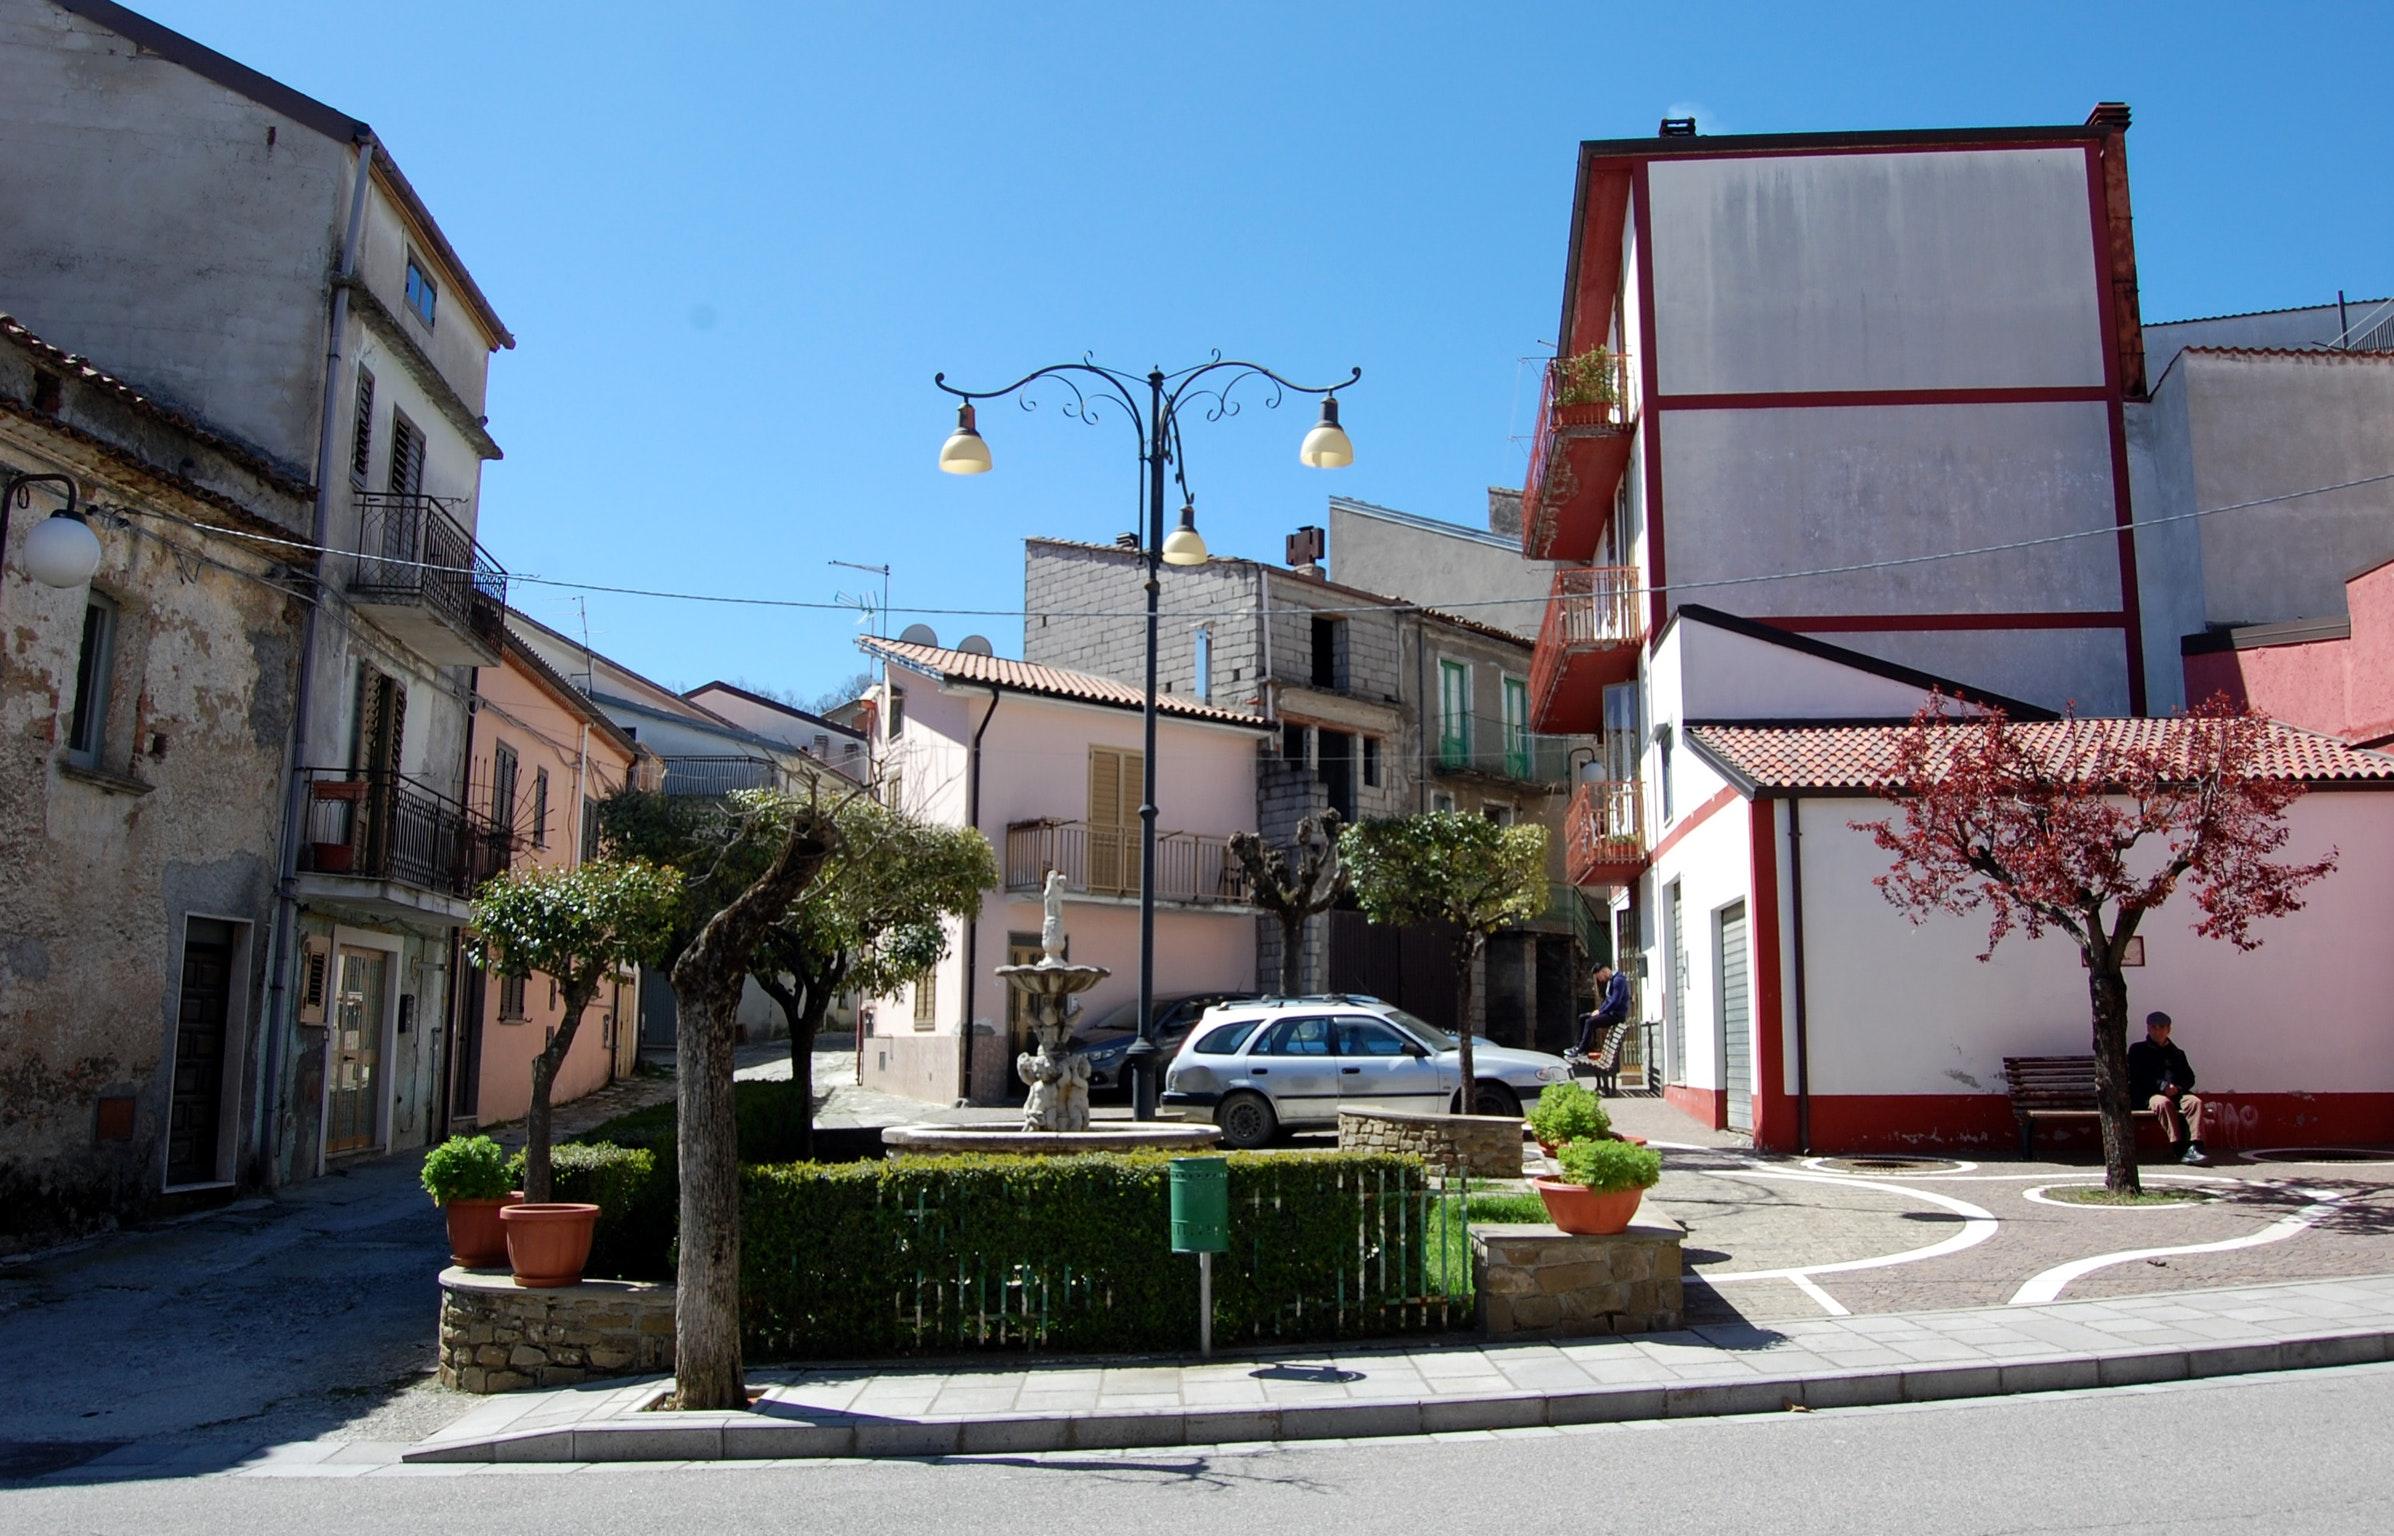 Ferienwohnung Wohnung mit 3 Schlafzimmern in Fardella mit schöner Aussicht auf die Stadt und möbliertem  (2566954), Francavilla sul Sinni, Potenza, Basilikata, Italien, Bild 39